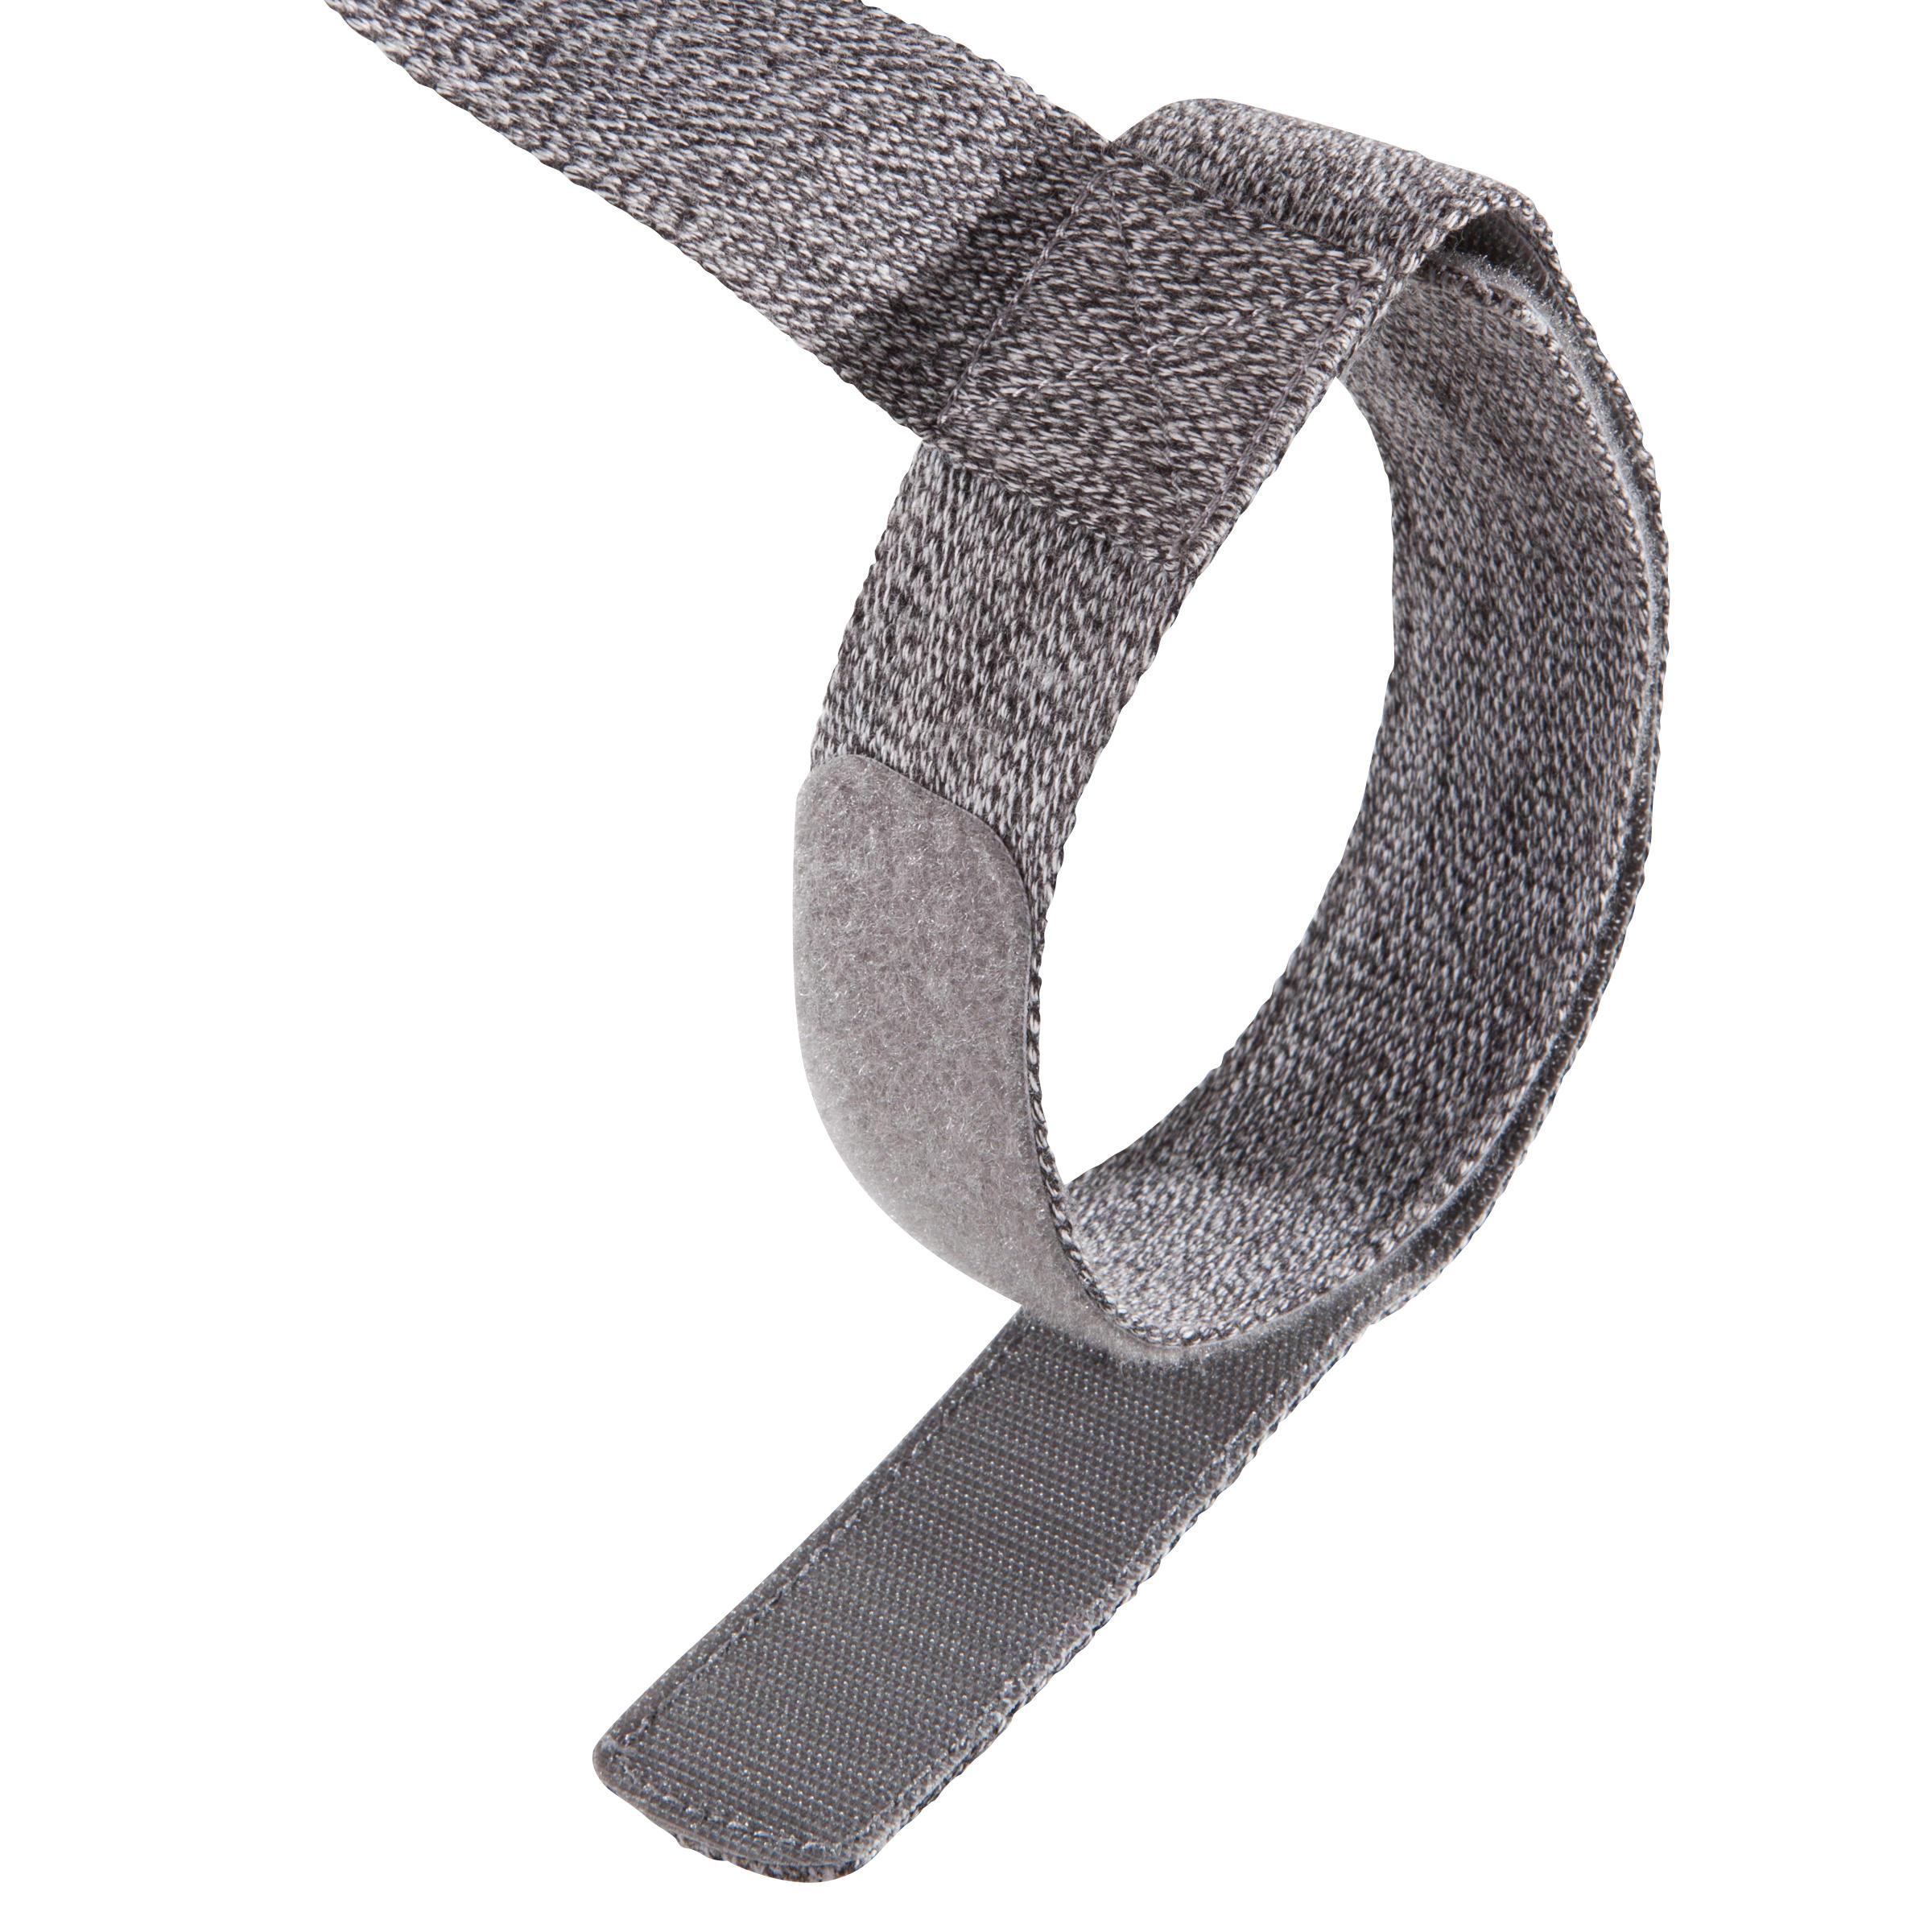 Adjustable Yoga Strap - Mottled Grey